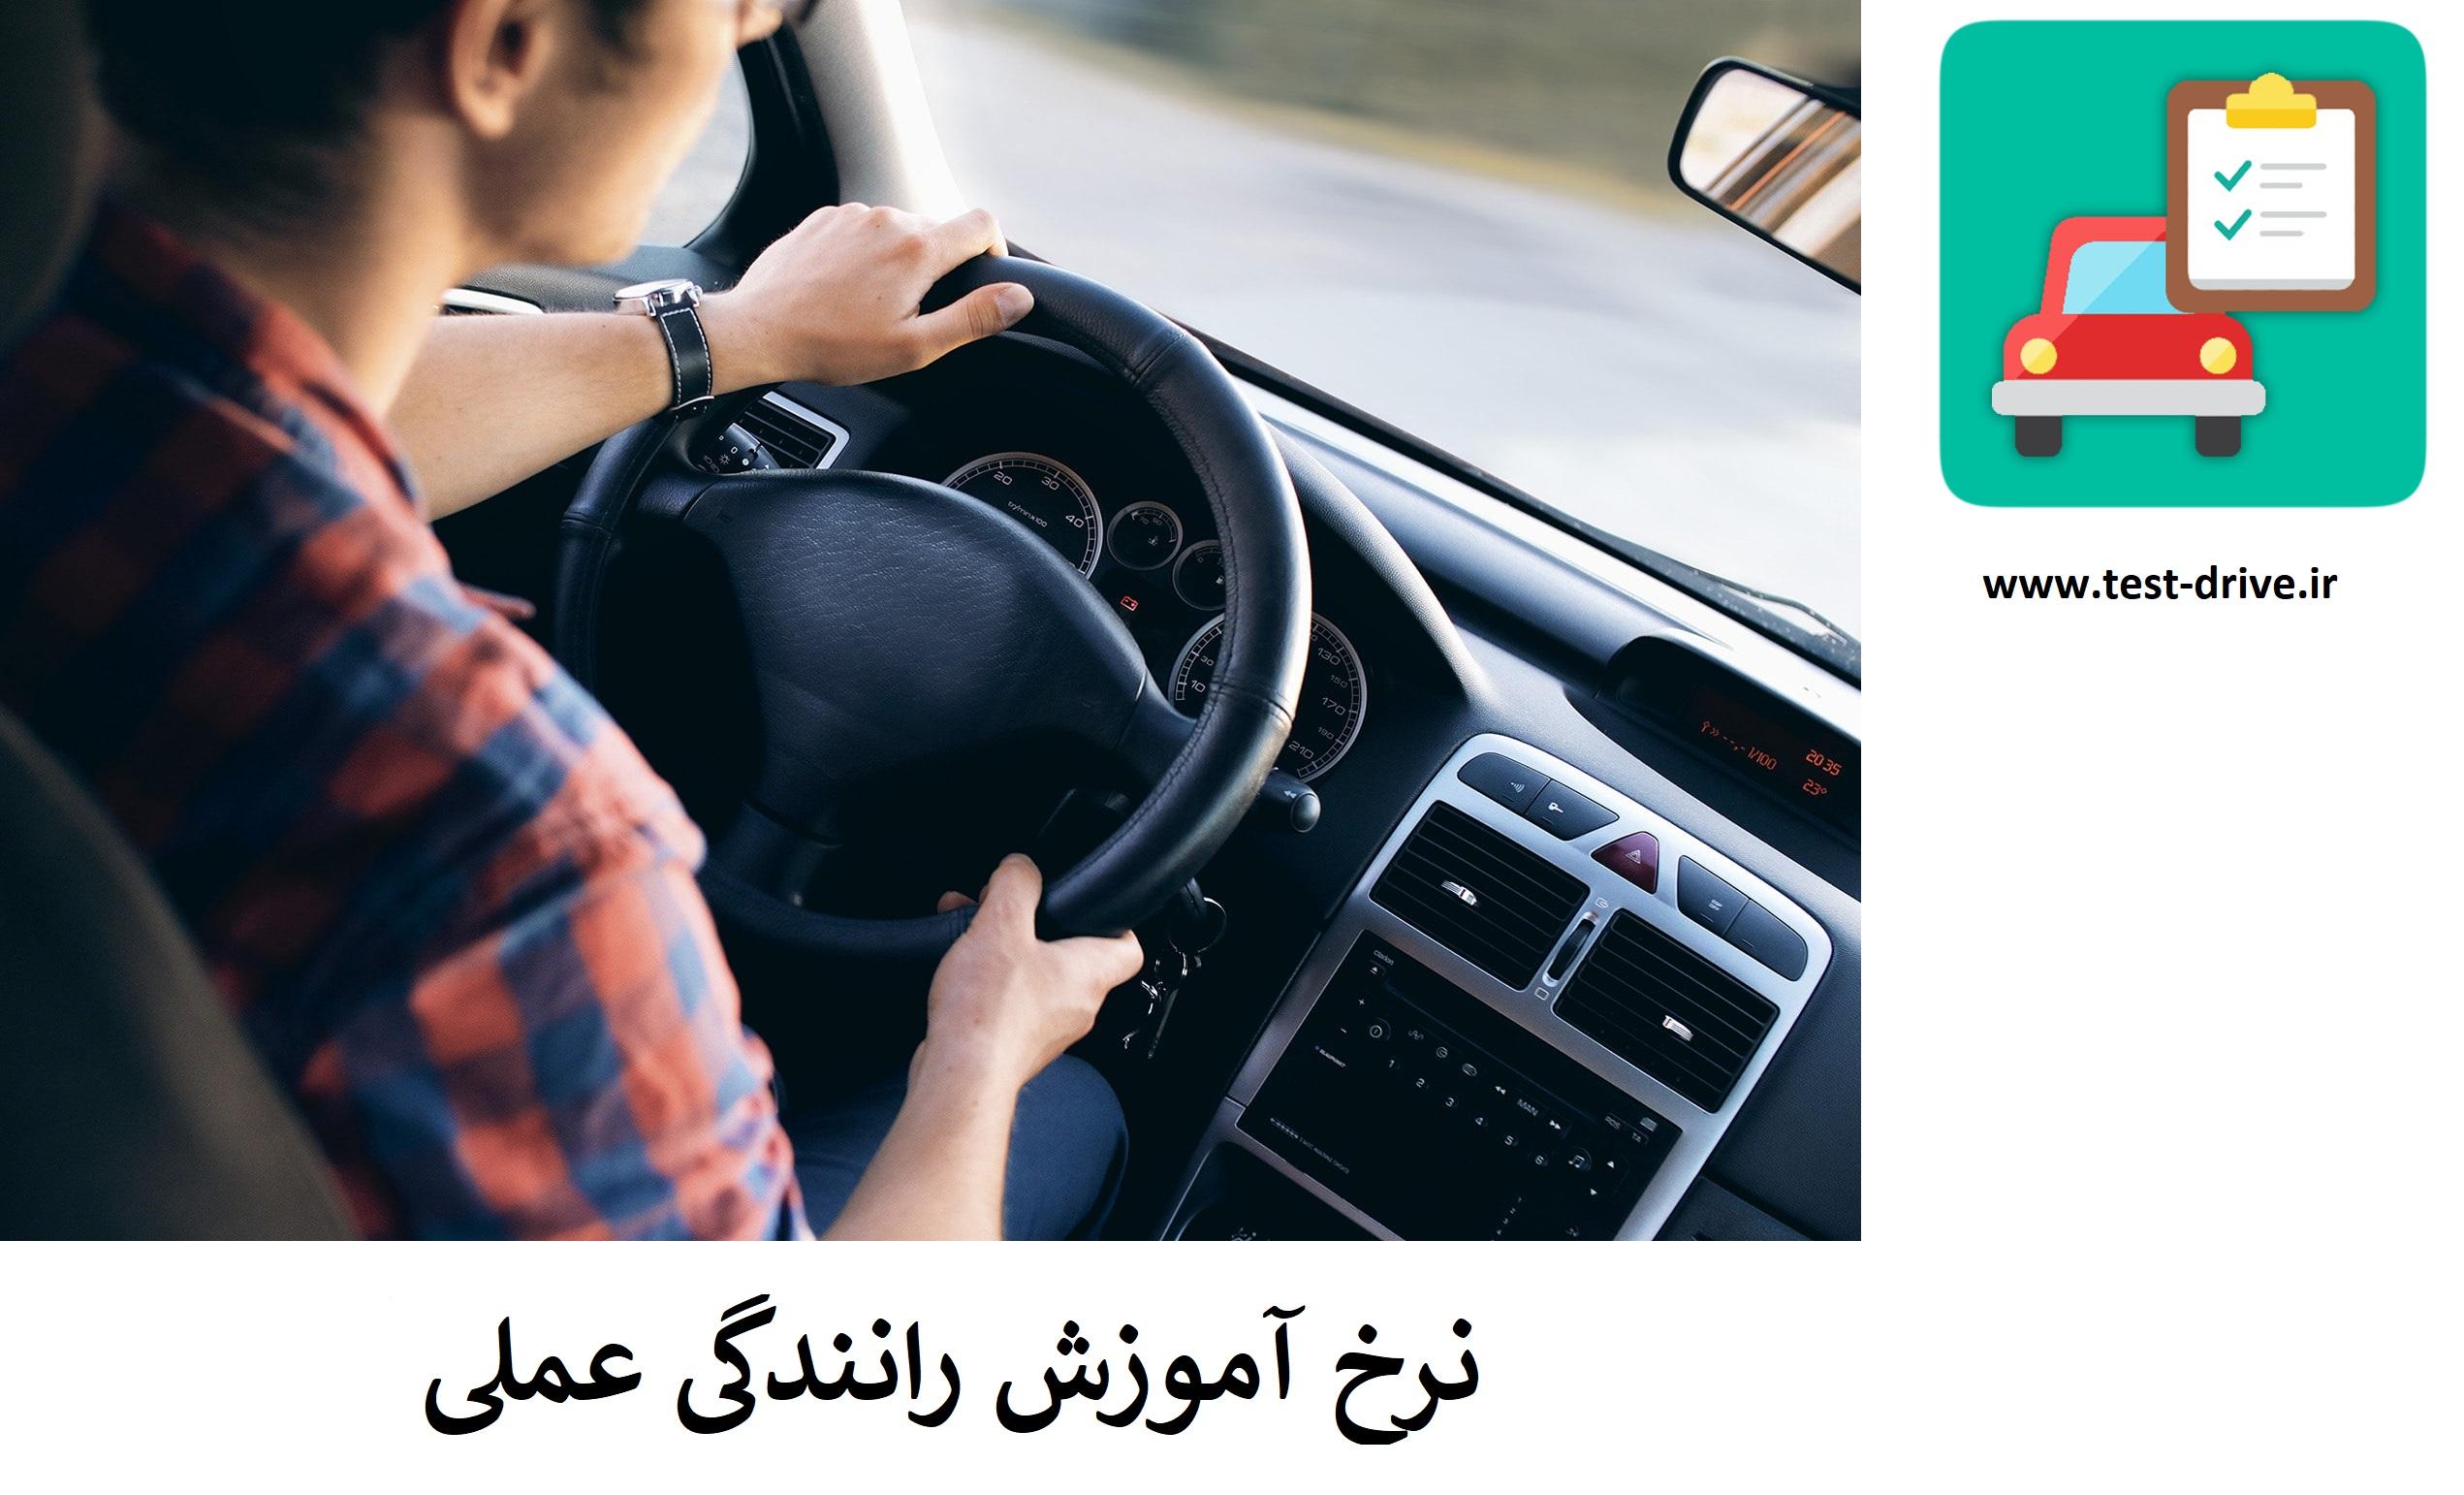 نرخ آموزش رانندگی عملی